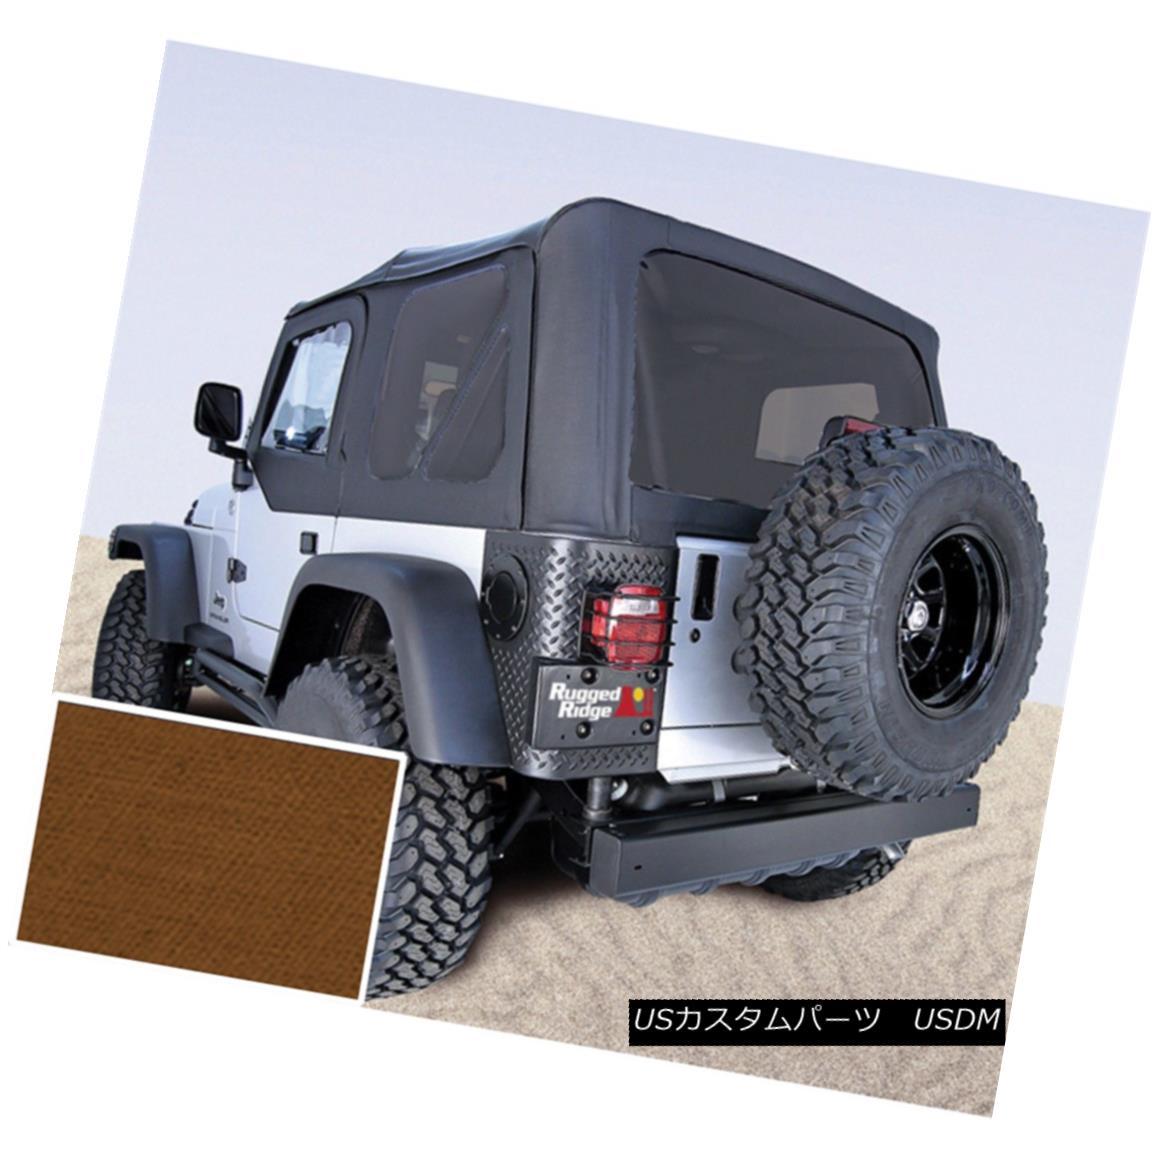 幌・ソフトトップ Rugged Ridge 13726.33 Replacement Soft Top Fits 97-02 Wrangler (TJ) 頑丈なリッジ13726.33交換用ソフトトップフィット97-02ラングラー(TJ)